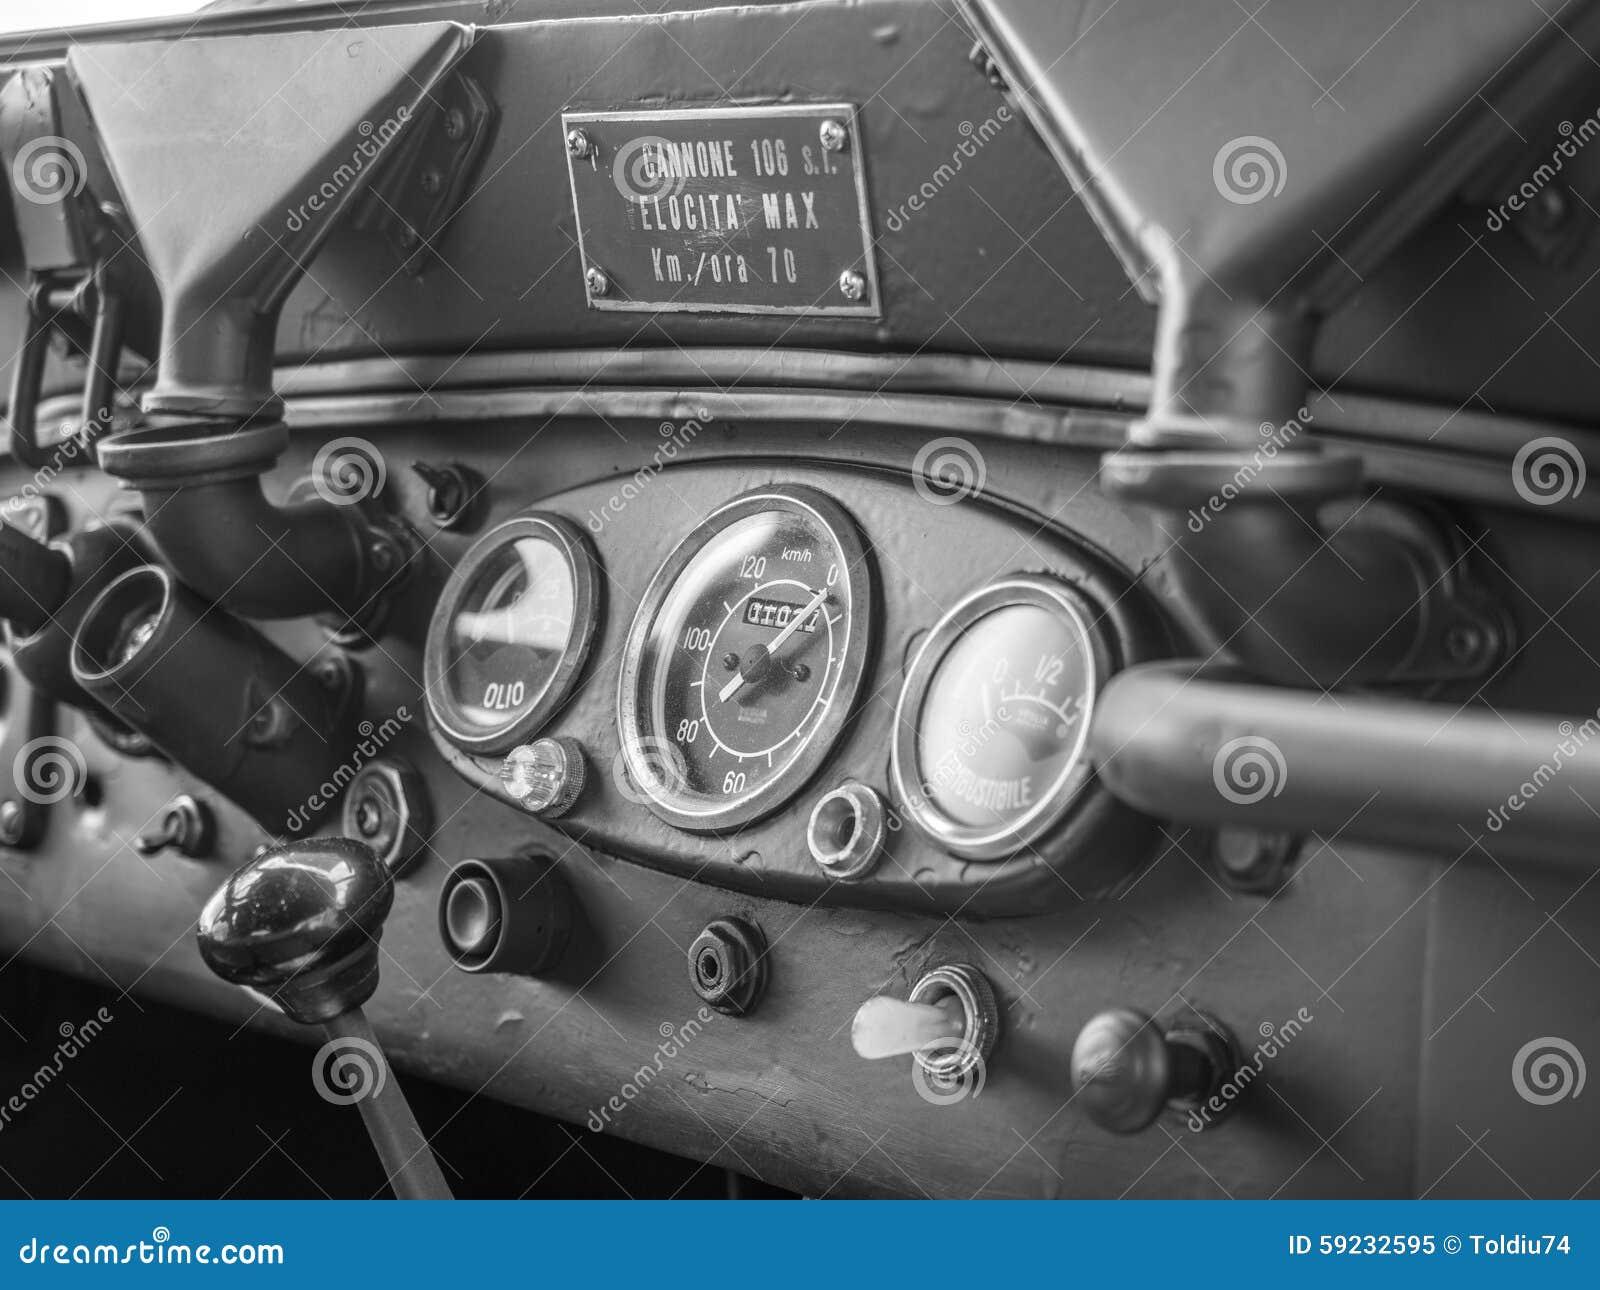 Download Tablero De Instrumentos De Un Jeep Militar Viejo Imagen de archivo - Imagen de italiano, engranajes: 59232595